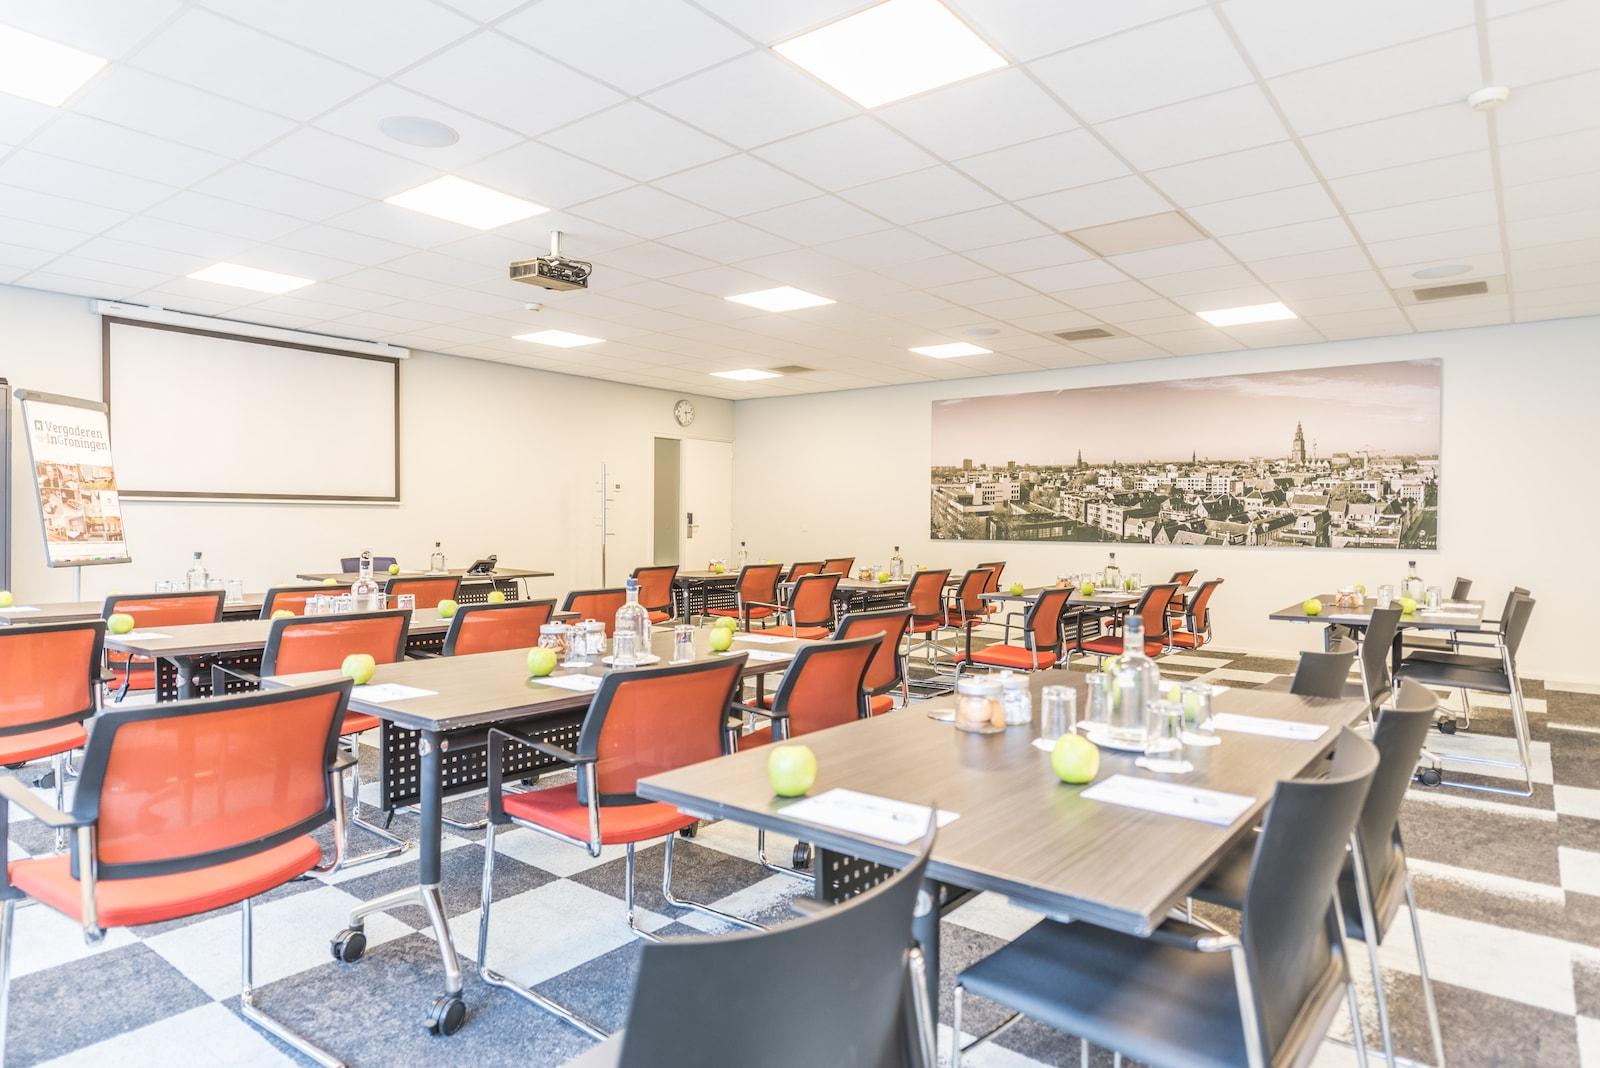 Groningen-Centre, congreslocatie in de binnenstad